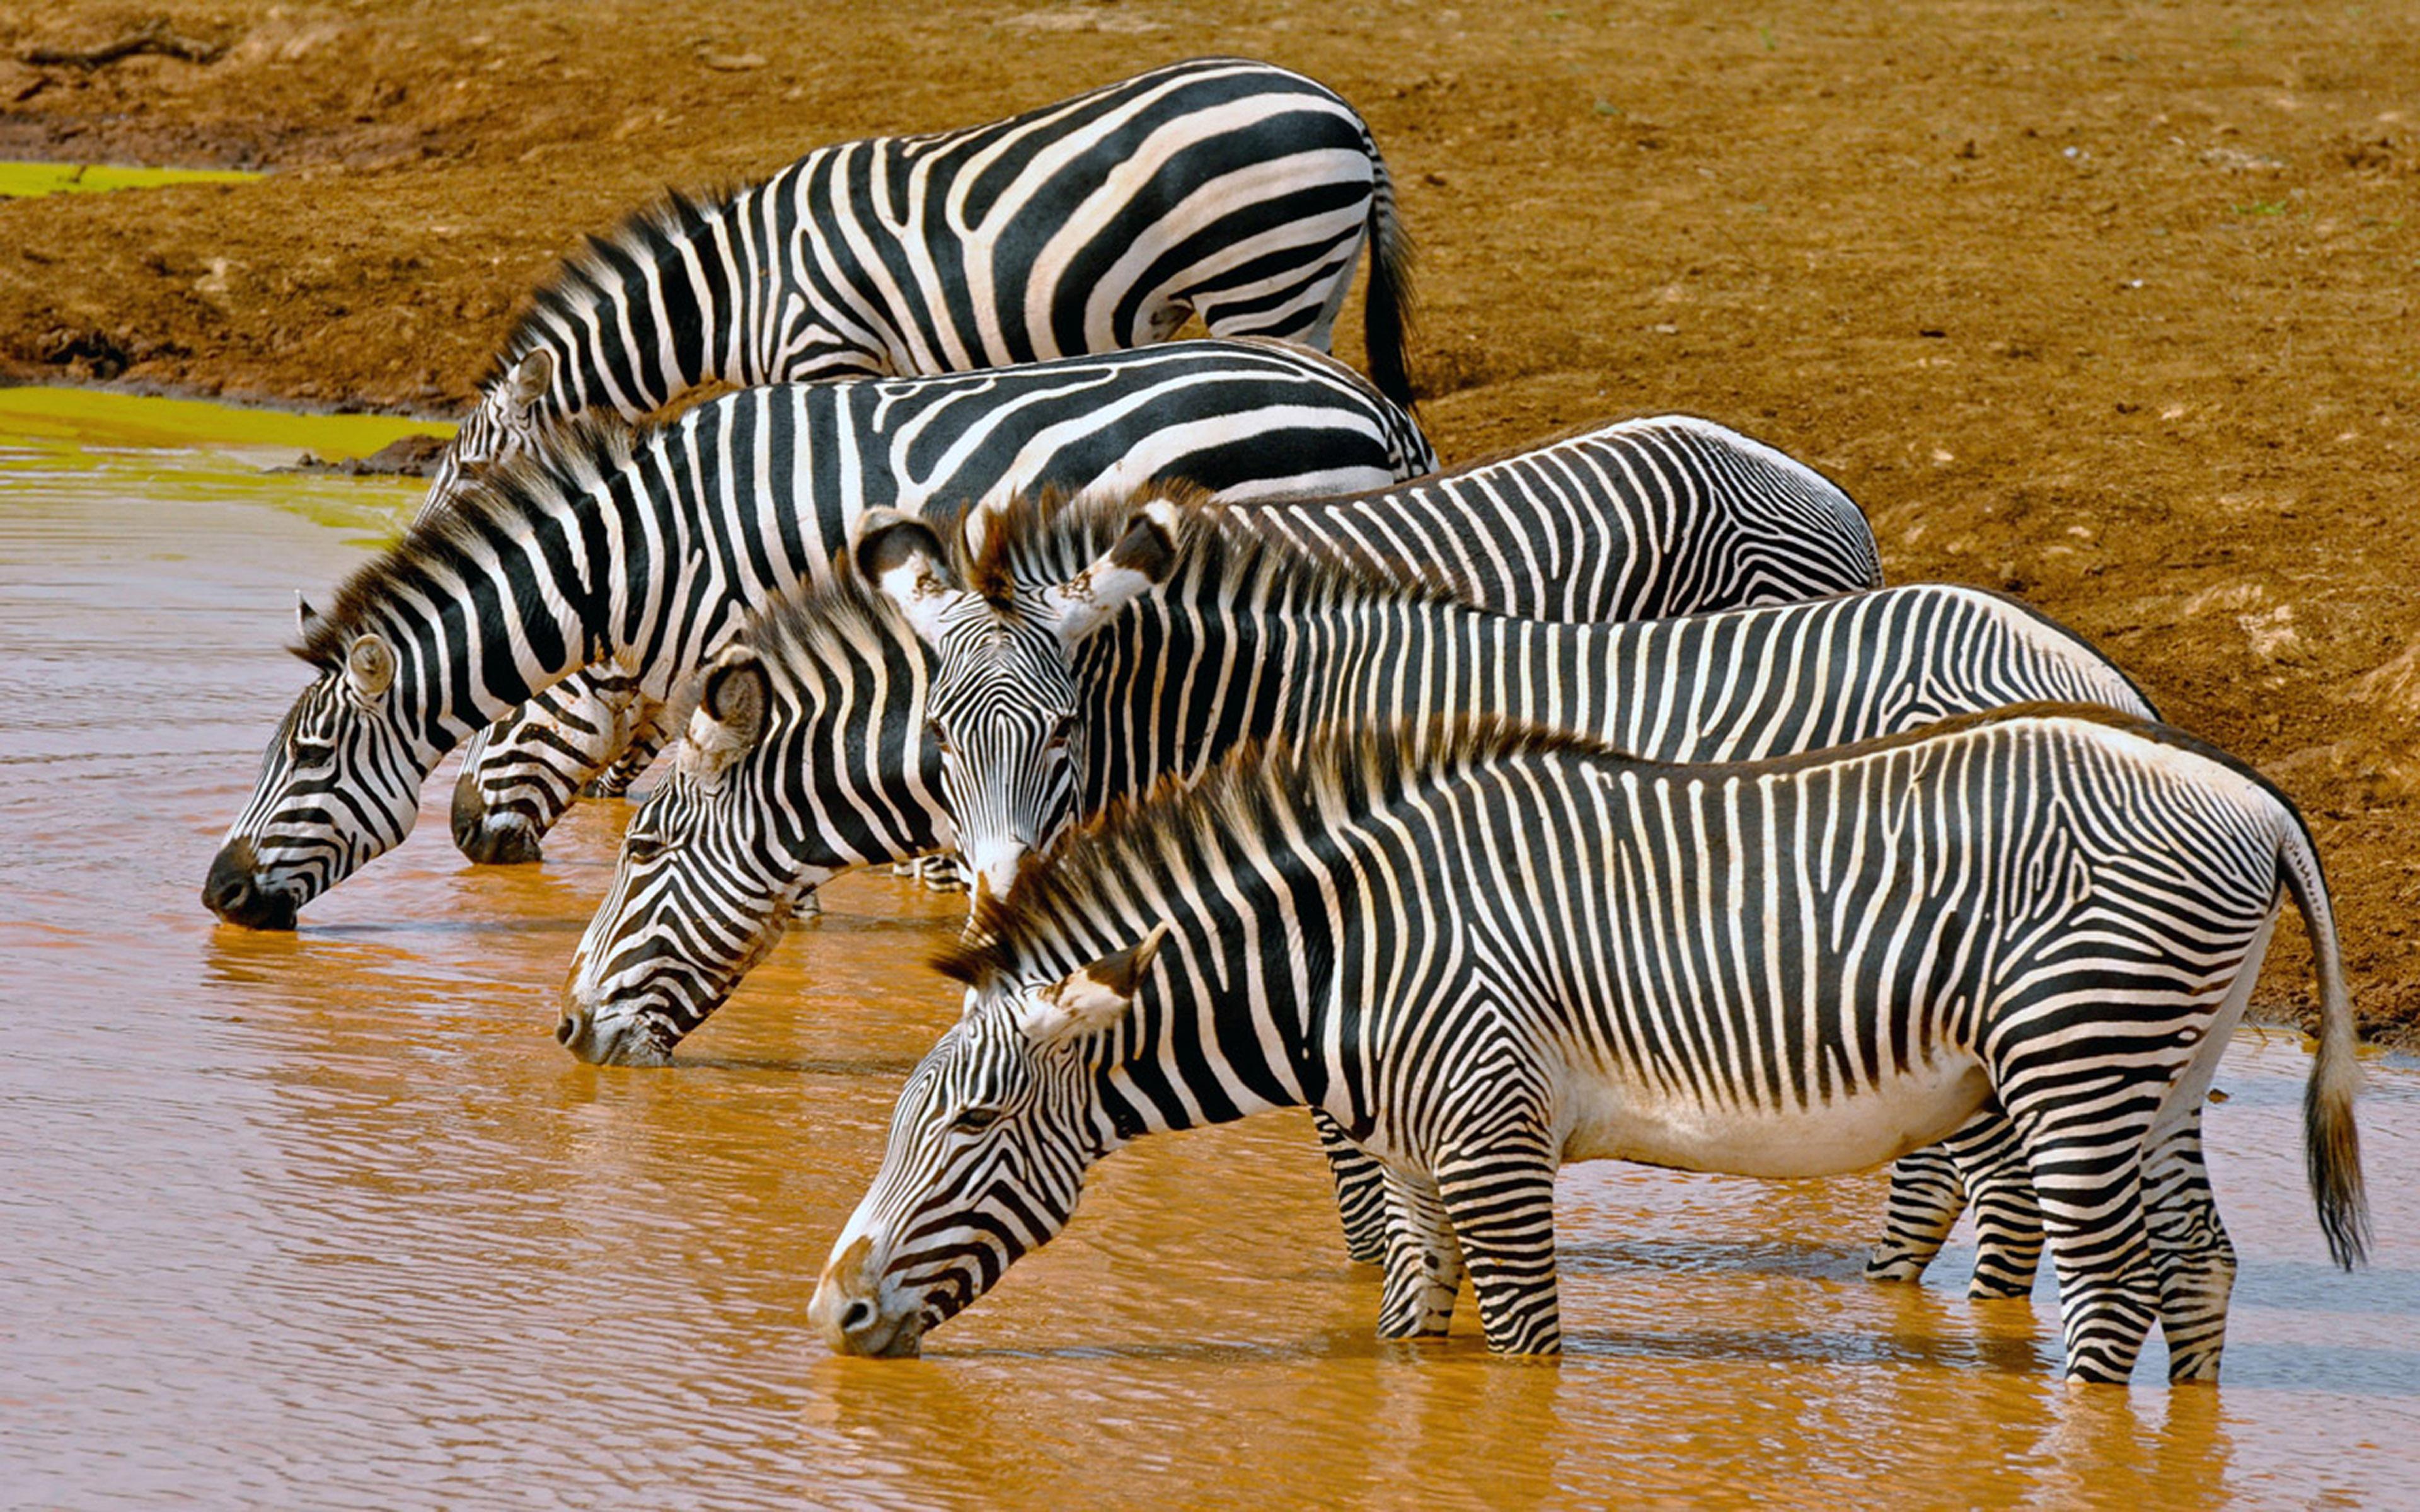 Zebras Beer Drinking Water Hd Wallpaper